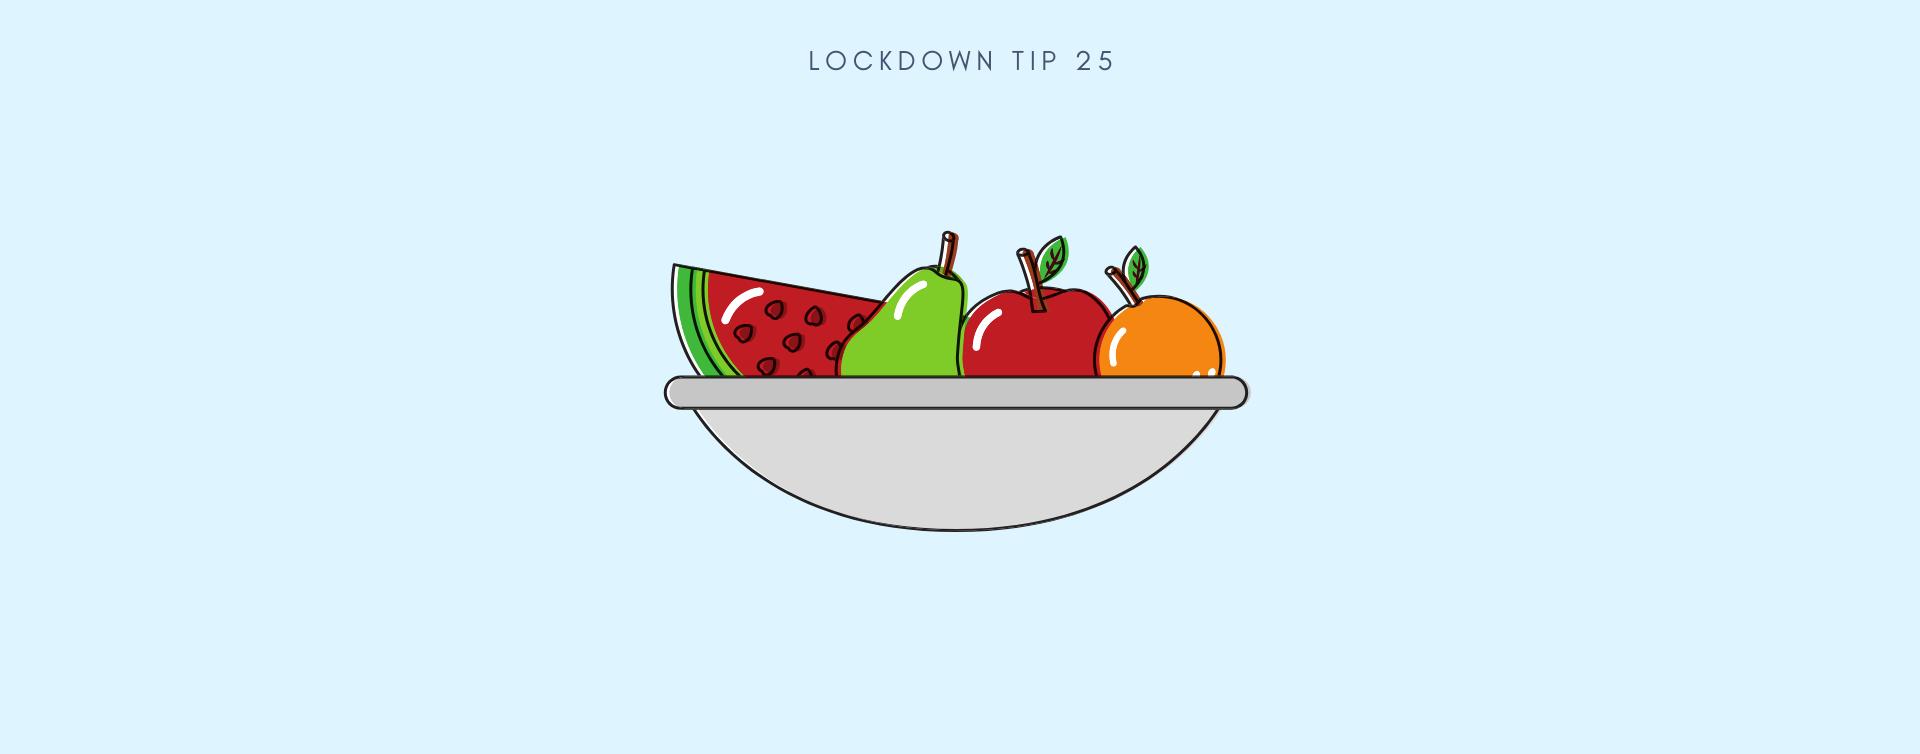 MCSA Lockdown Tip 25